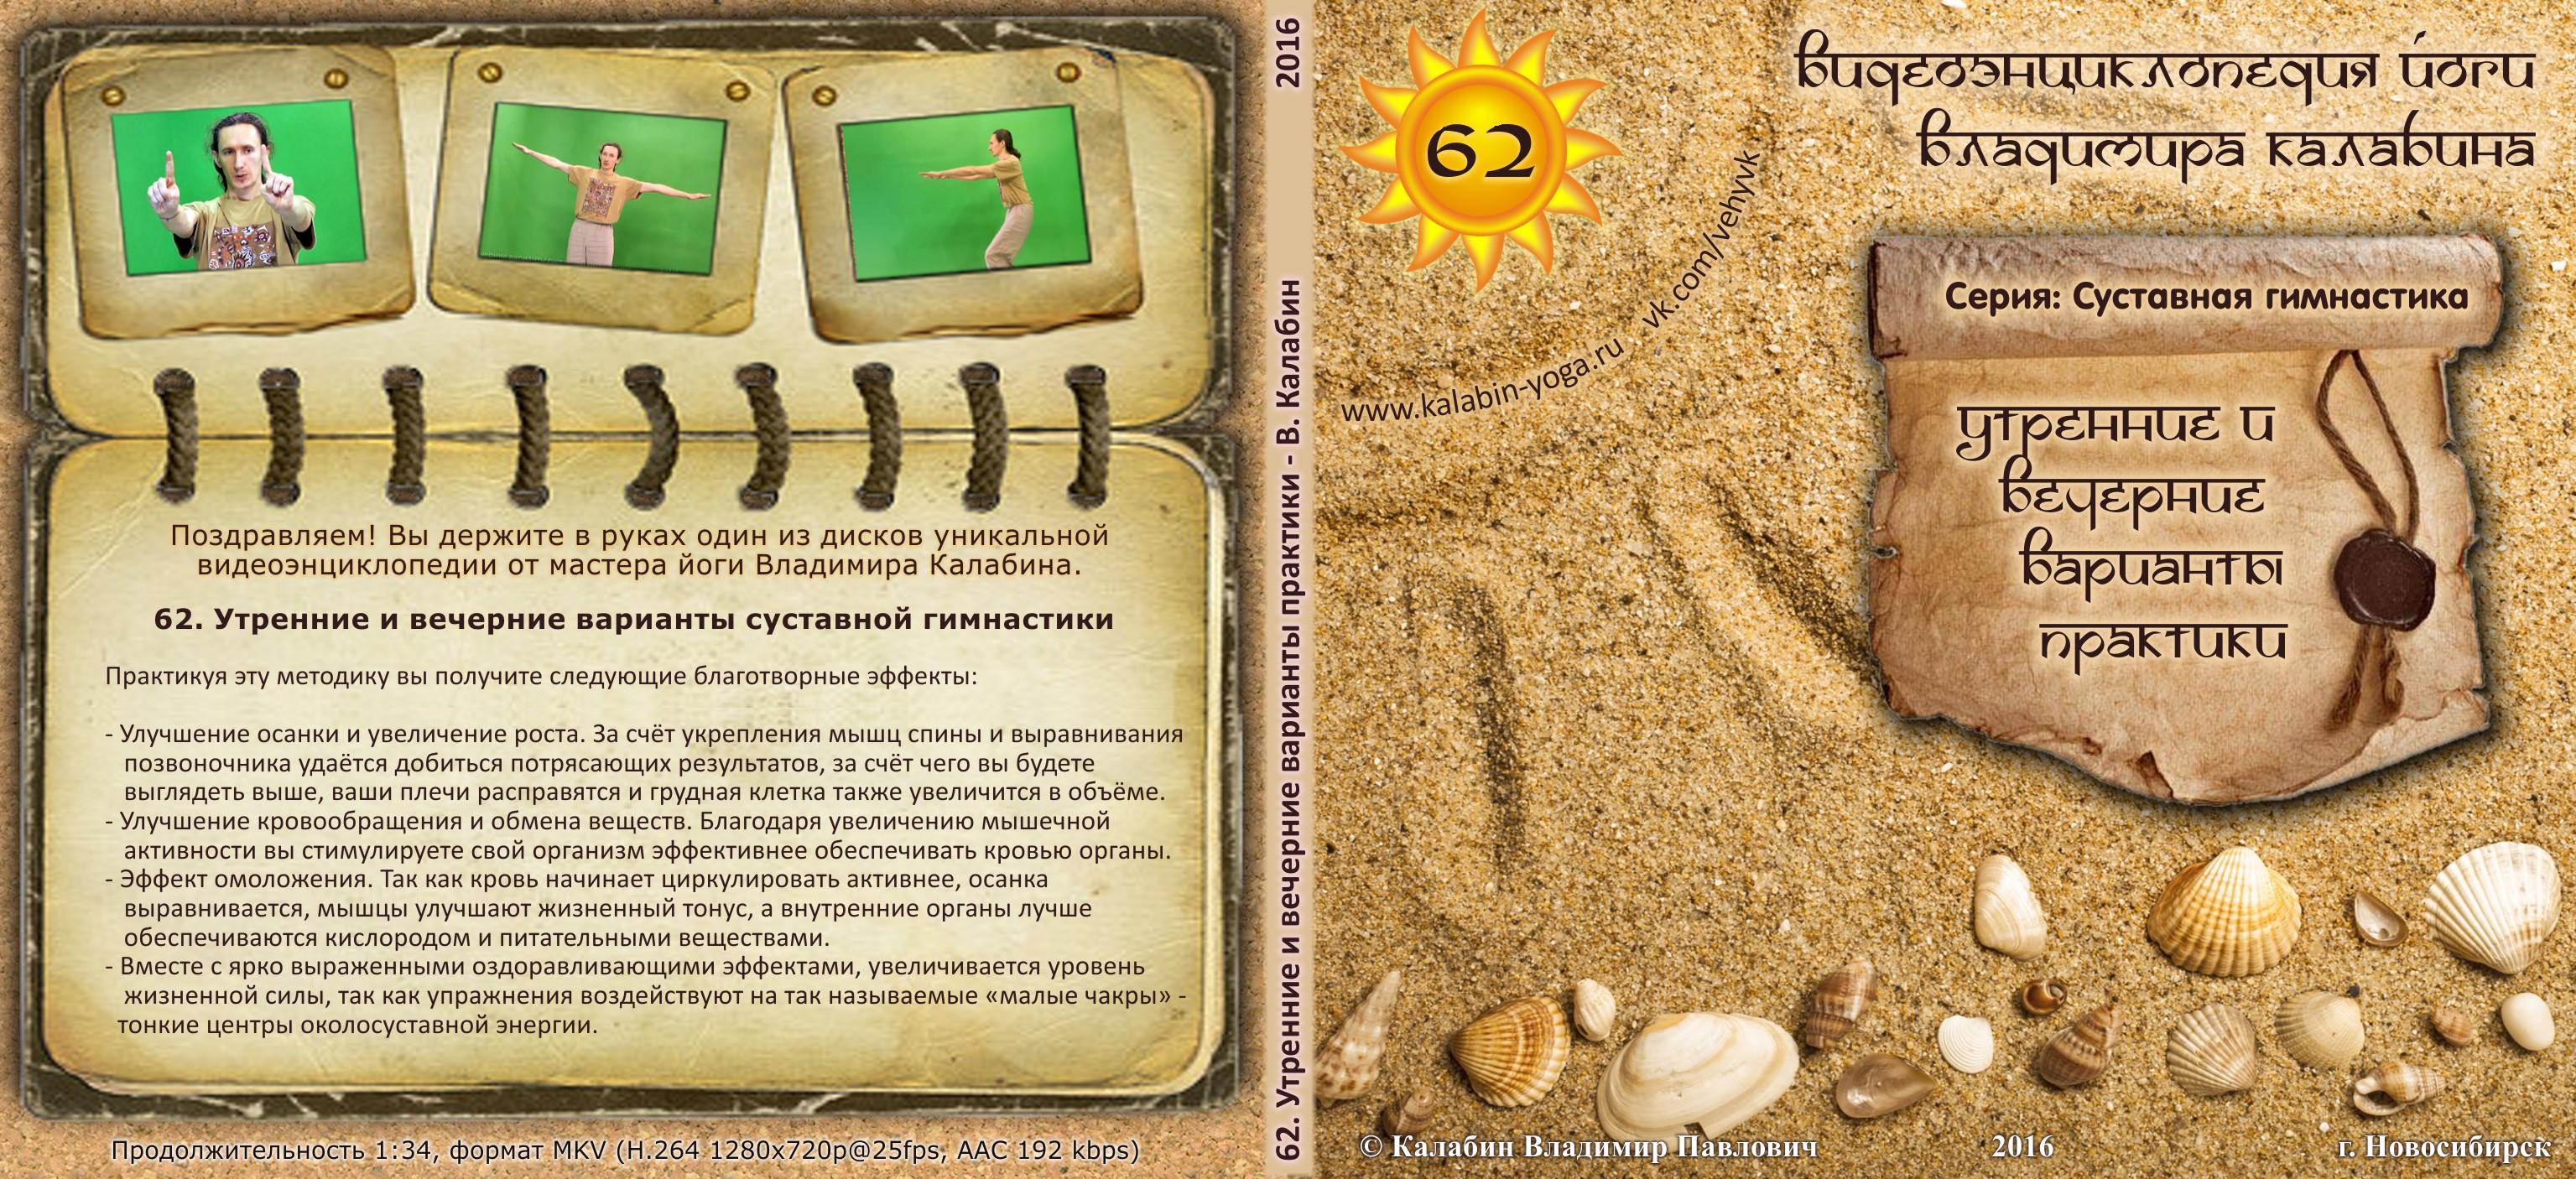 062-sustavnaya-utrennie-i-vechernie-varianty-minidvd-260x119